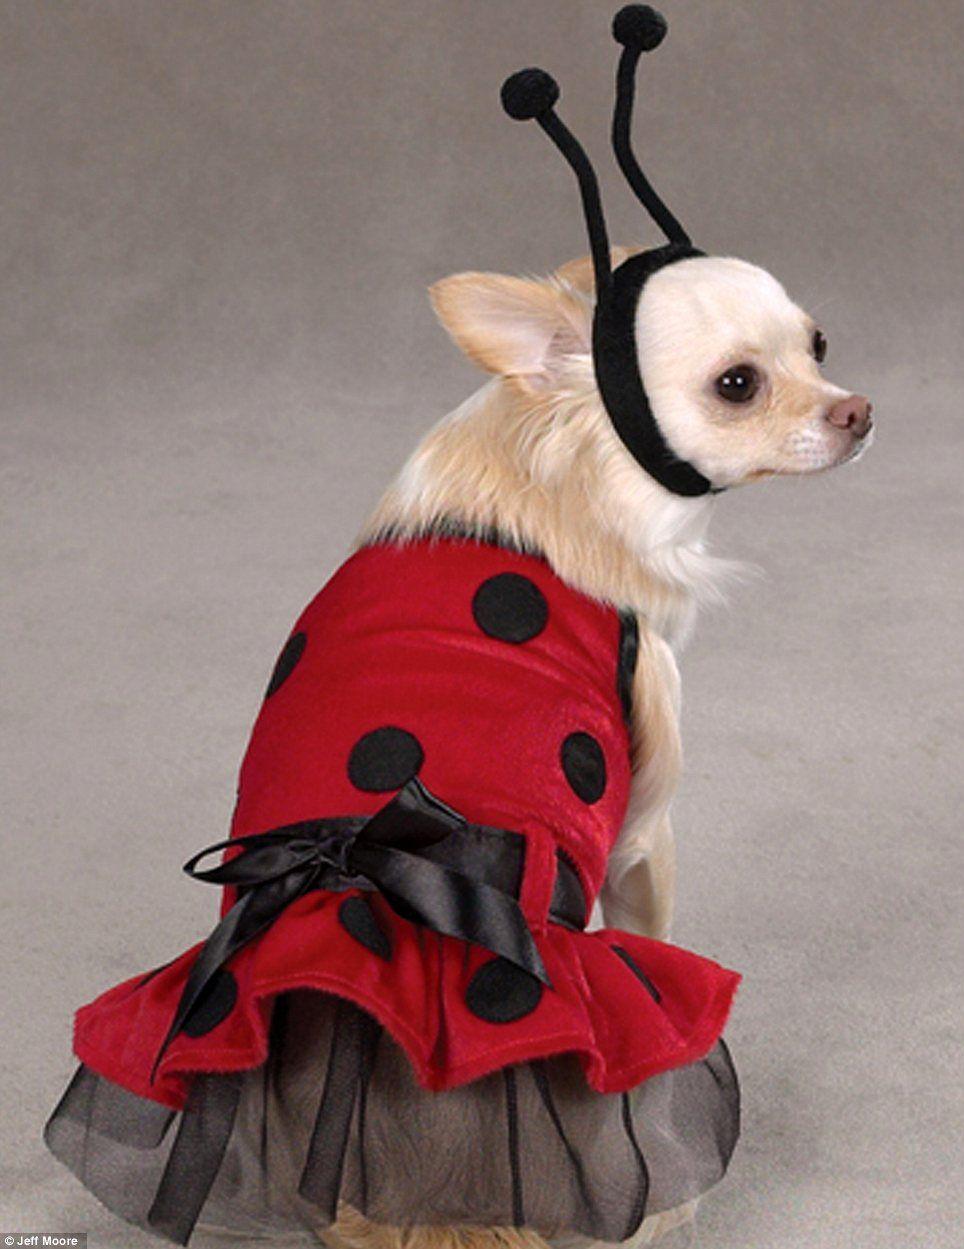 основы современного костюмы для собаки картинки швы, наложенные при